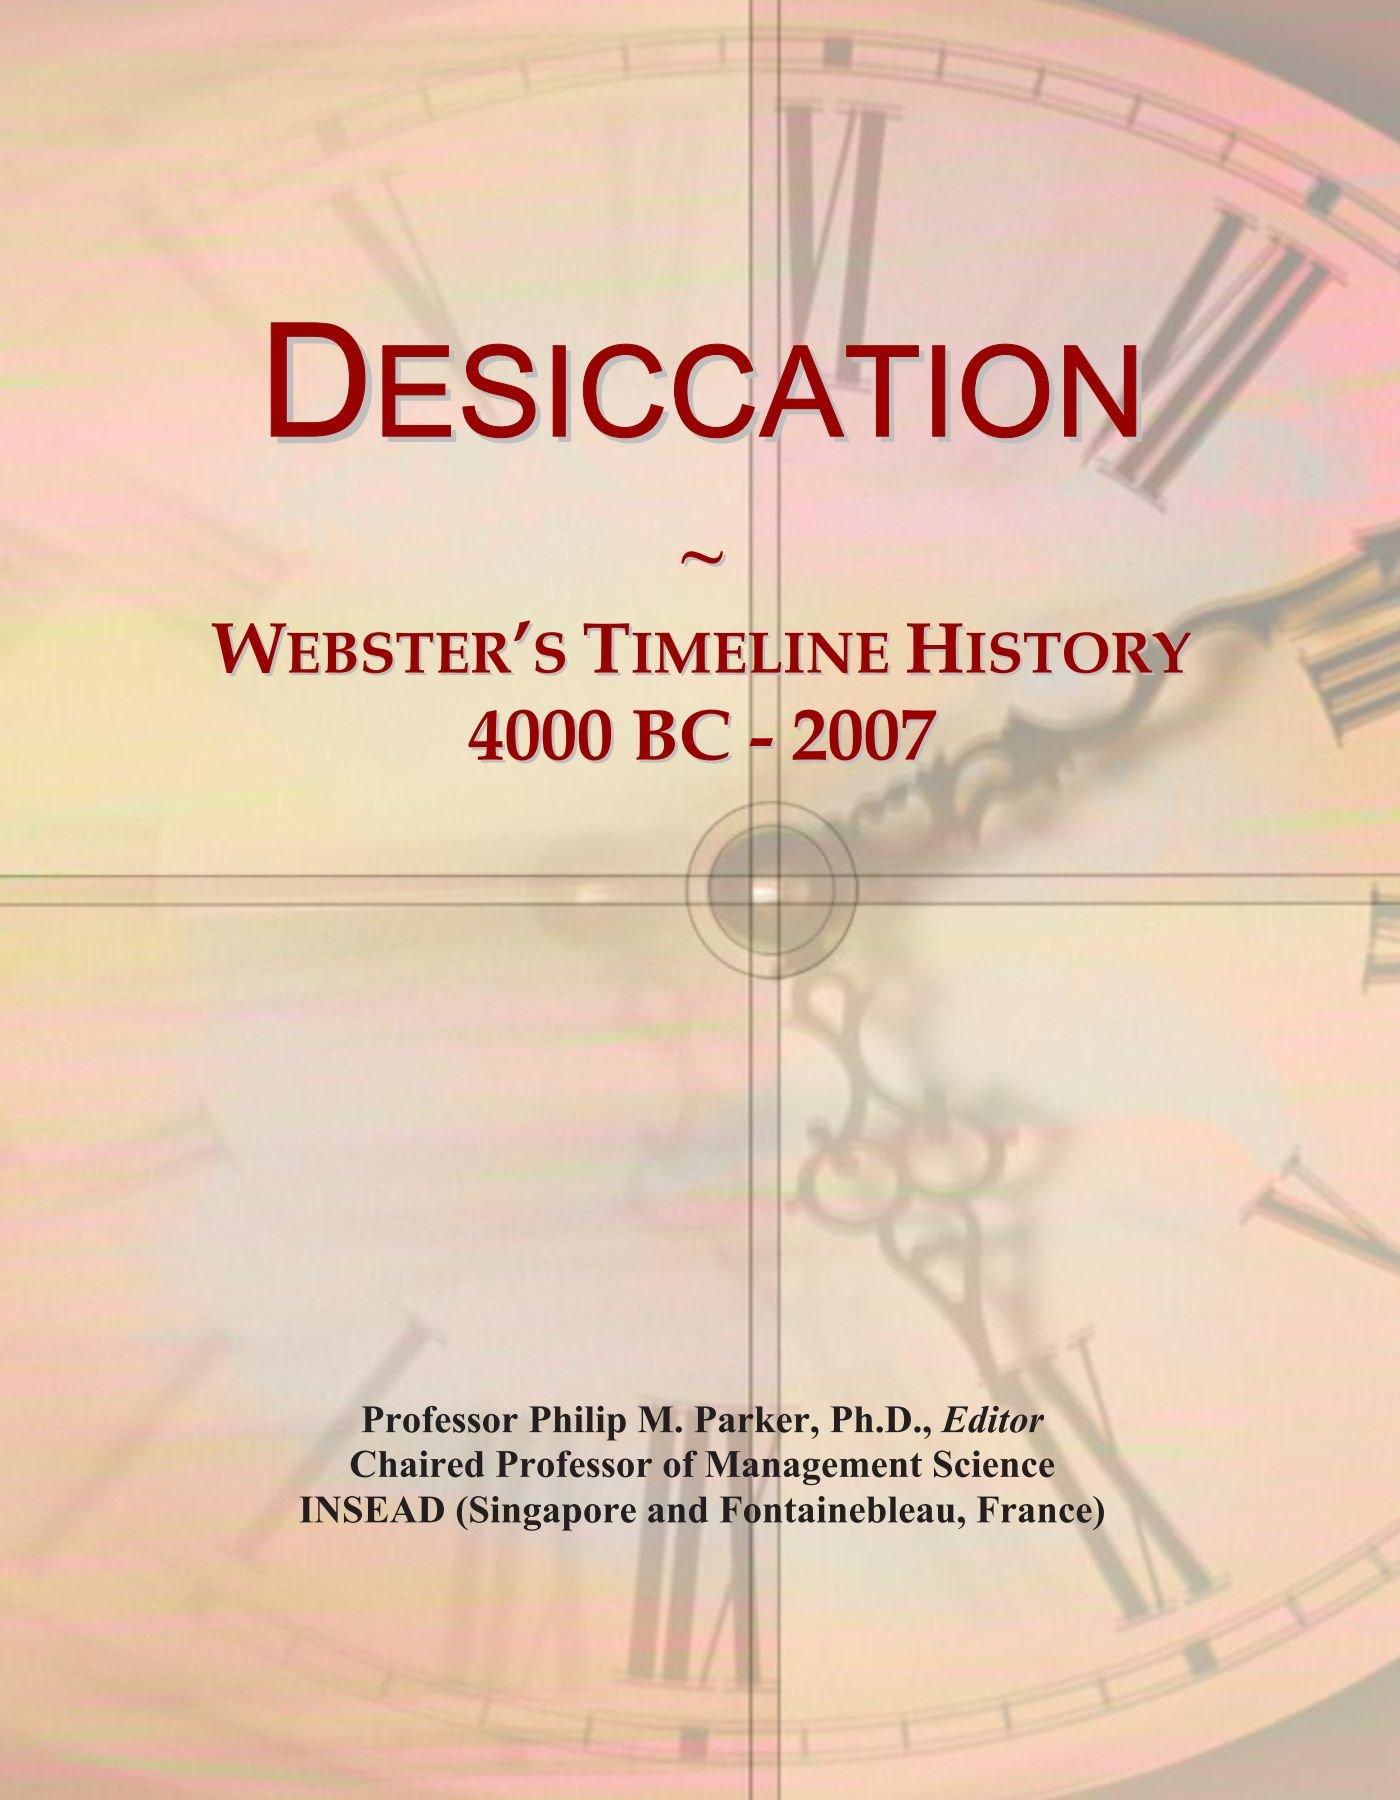 Desiccation: Webster's Timeline History, 4000 BC - 2007 ebook